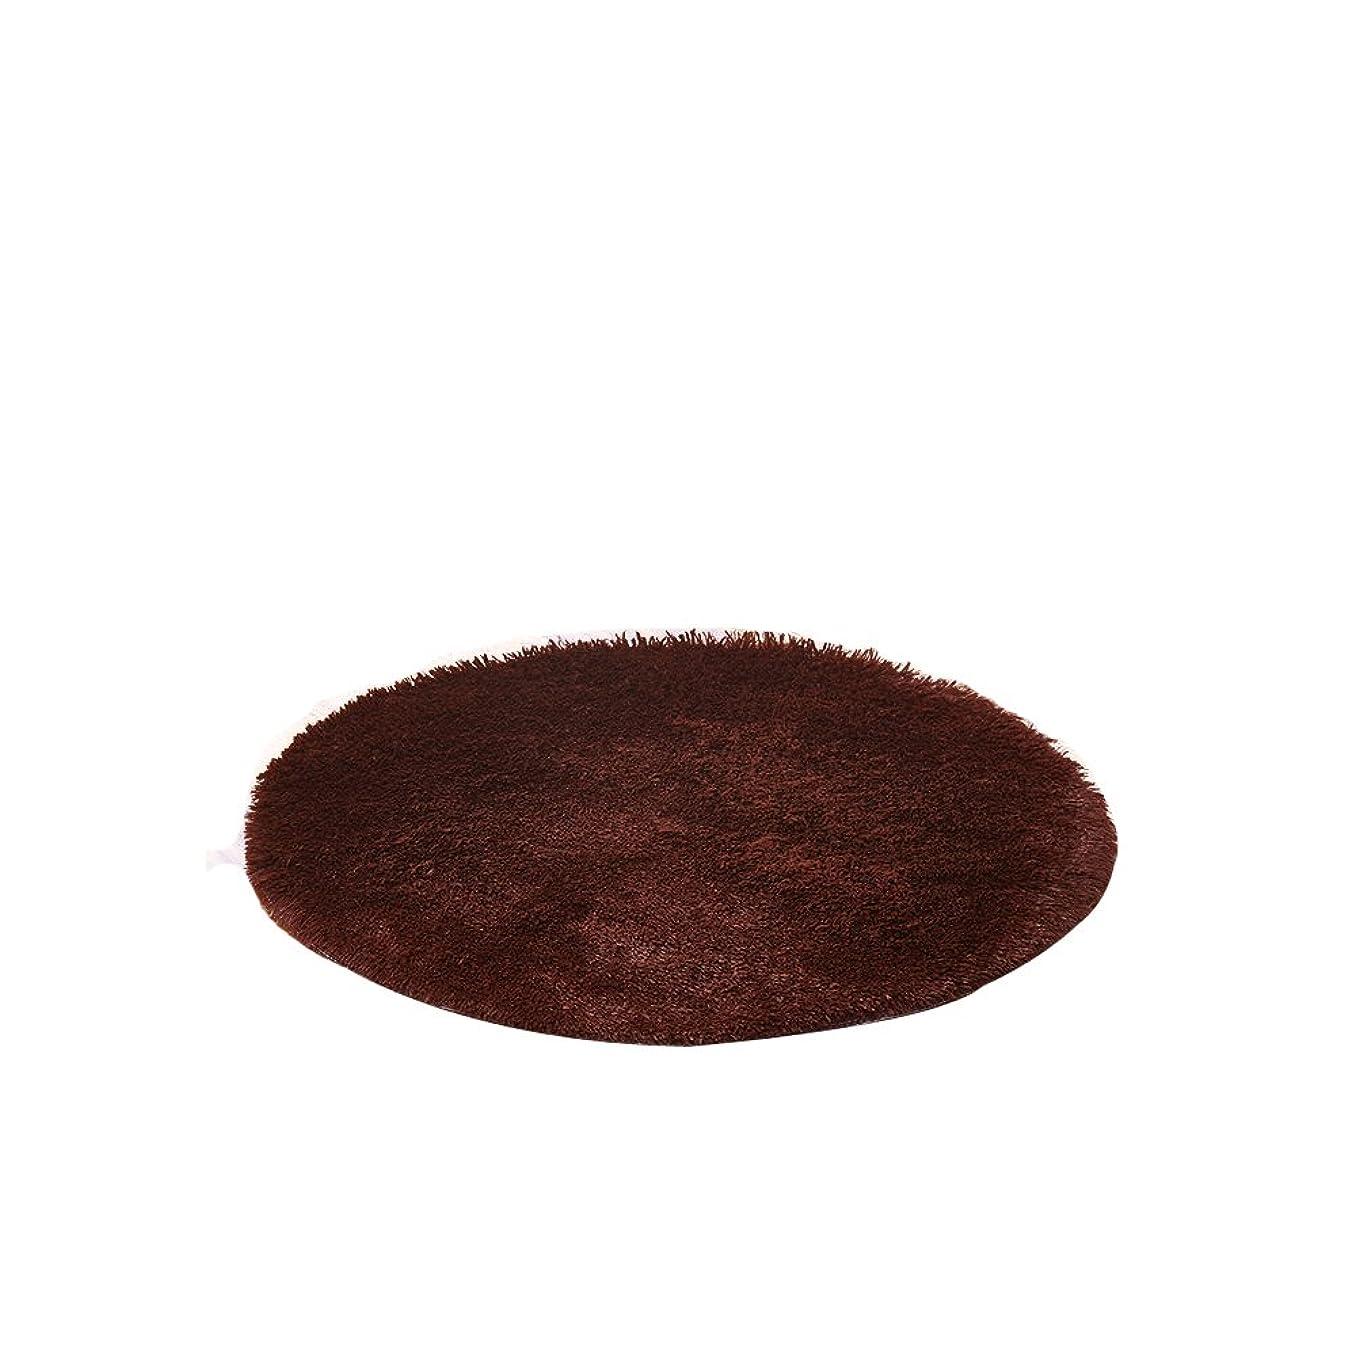 日曜日カップ契約するHomeMiYN 円形 絨毯 ラグ カーペット 防音 滑り止め マット フロアマット ラグマット 洗える マイクロファイバー 床暖房 やわらか 敷物 カシミヤ 手触り 16色 9サイズ